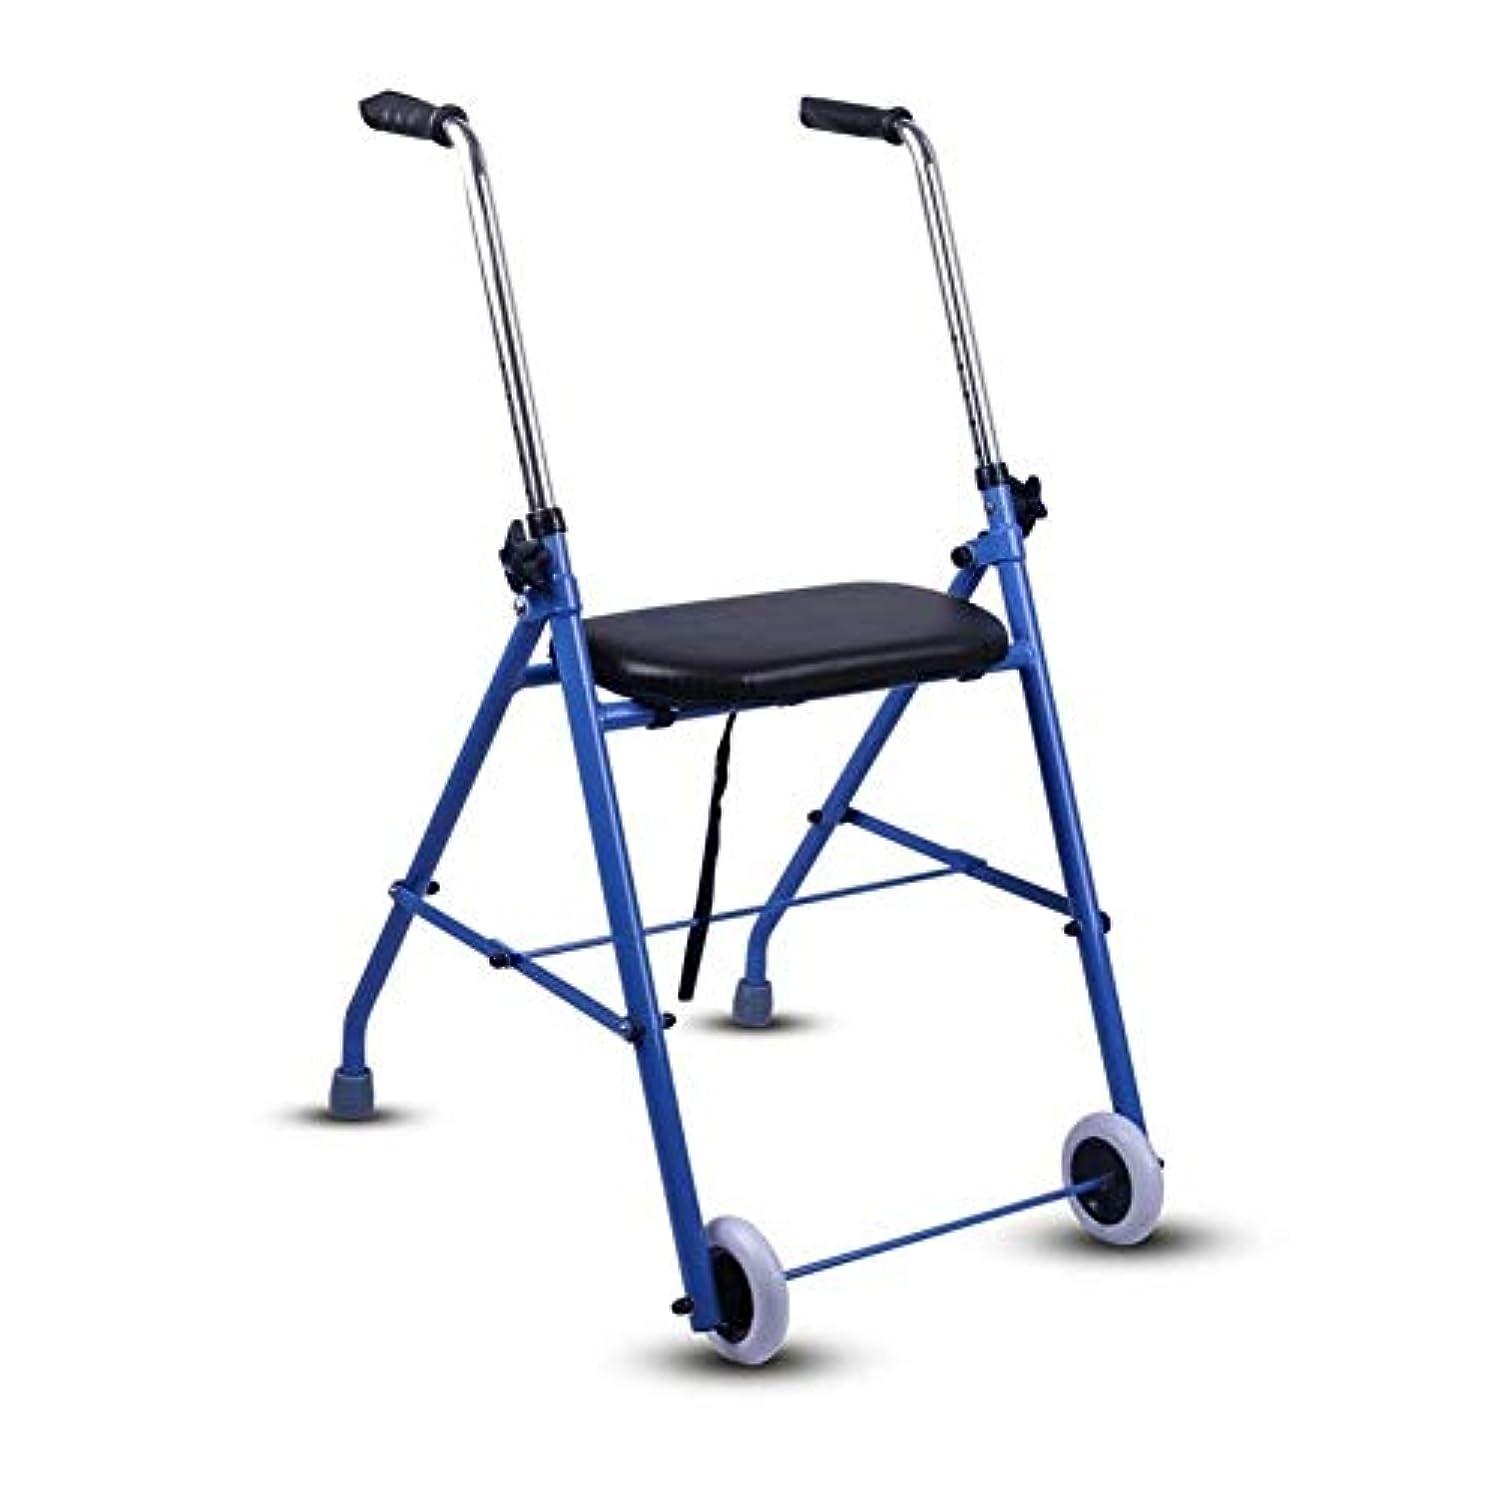 消毒剤プレフィックス未就学調節可能な折り畳み式2ホイールローラー歩行器、パッド入りシート、人間工学に基づいたハンドル